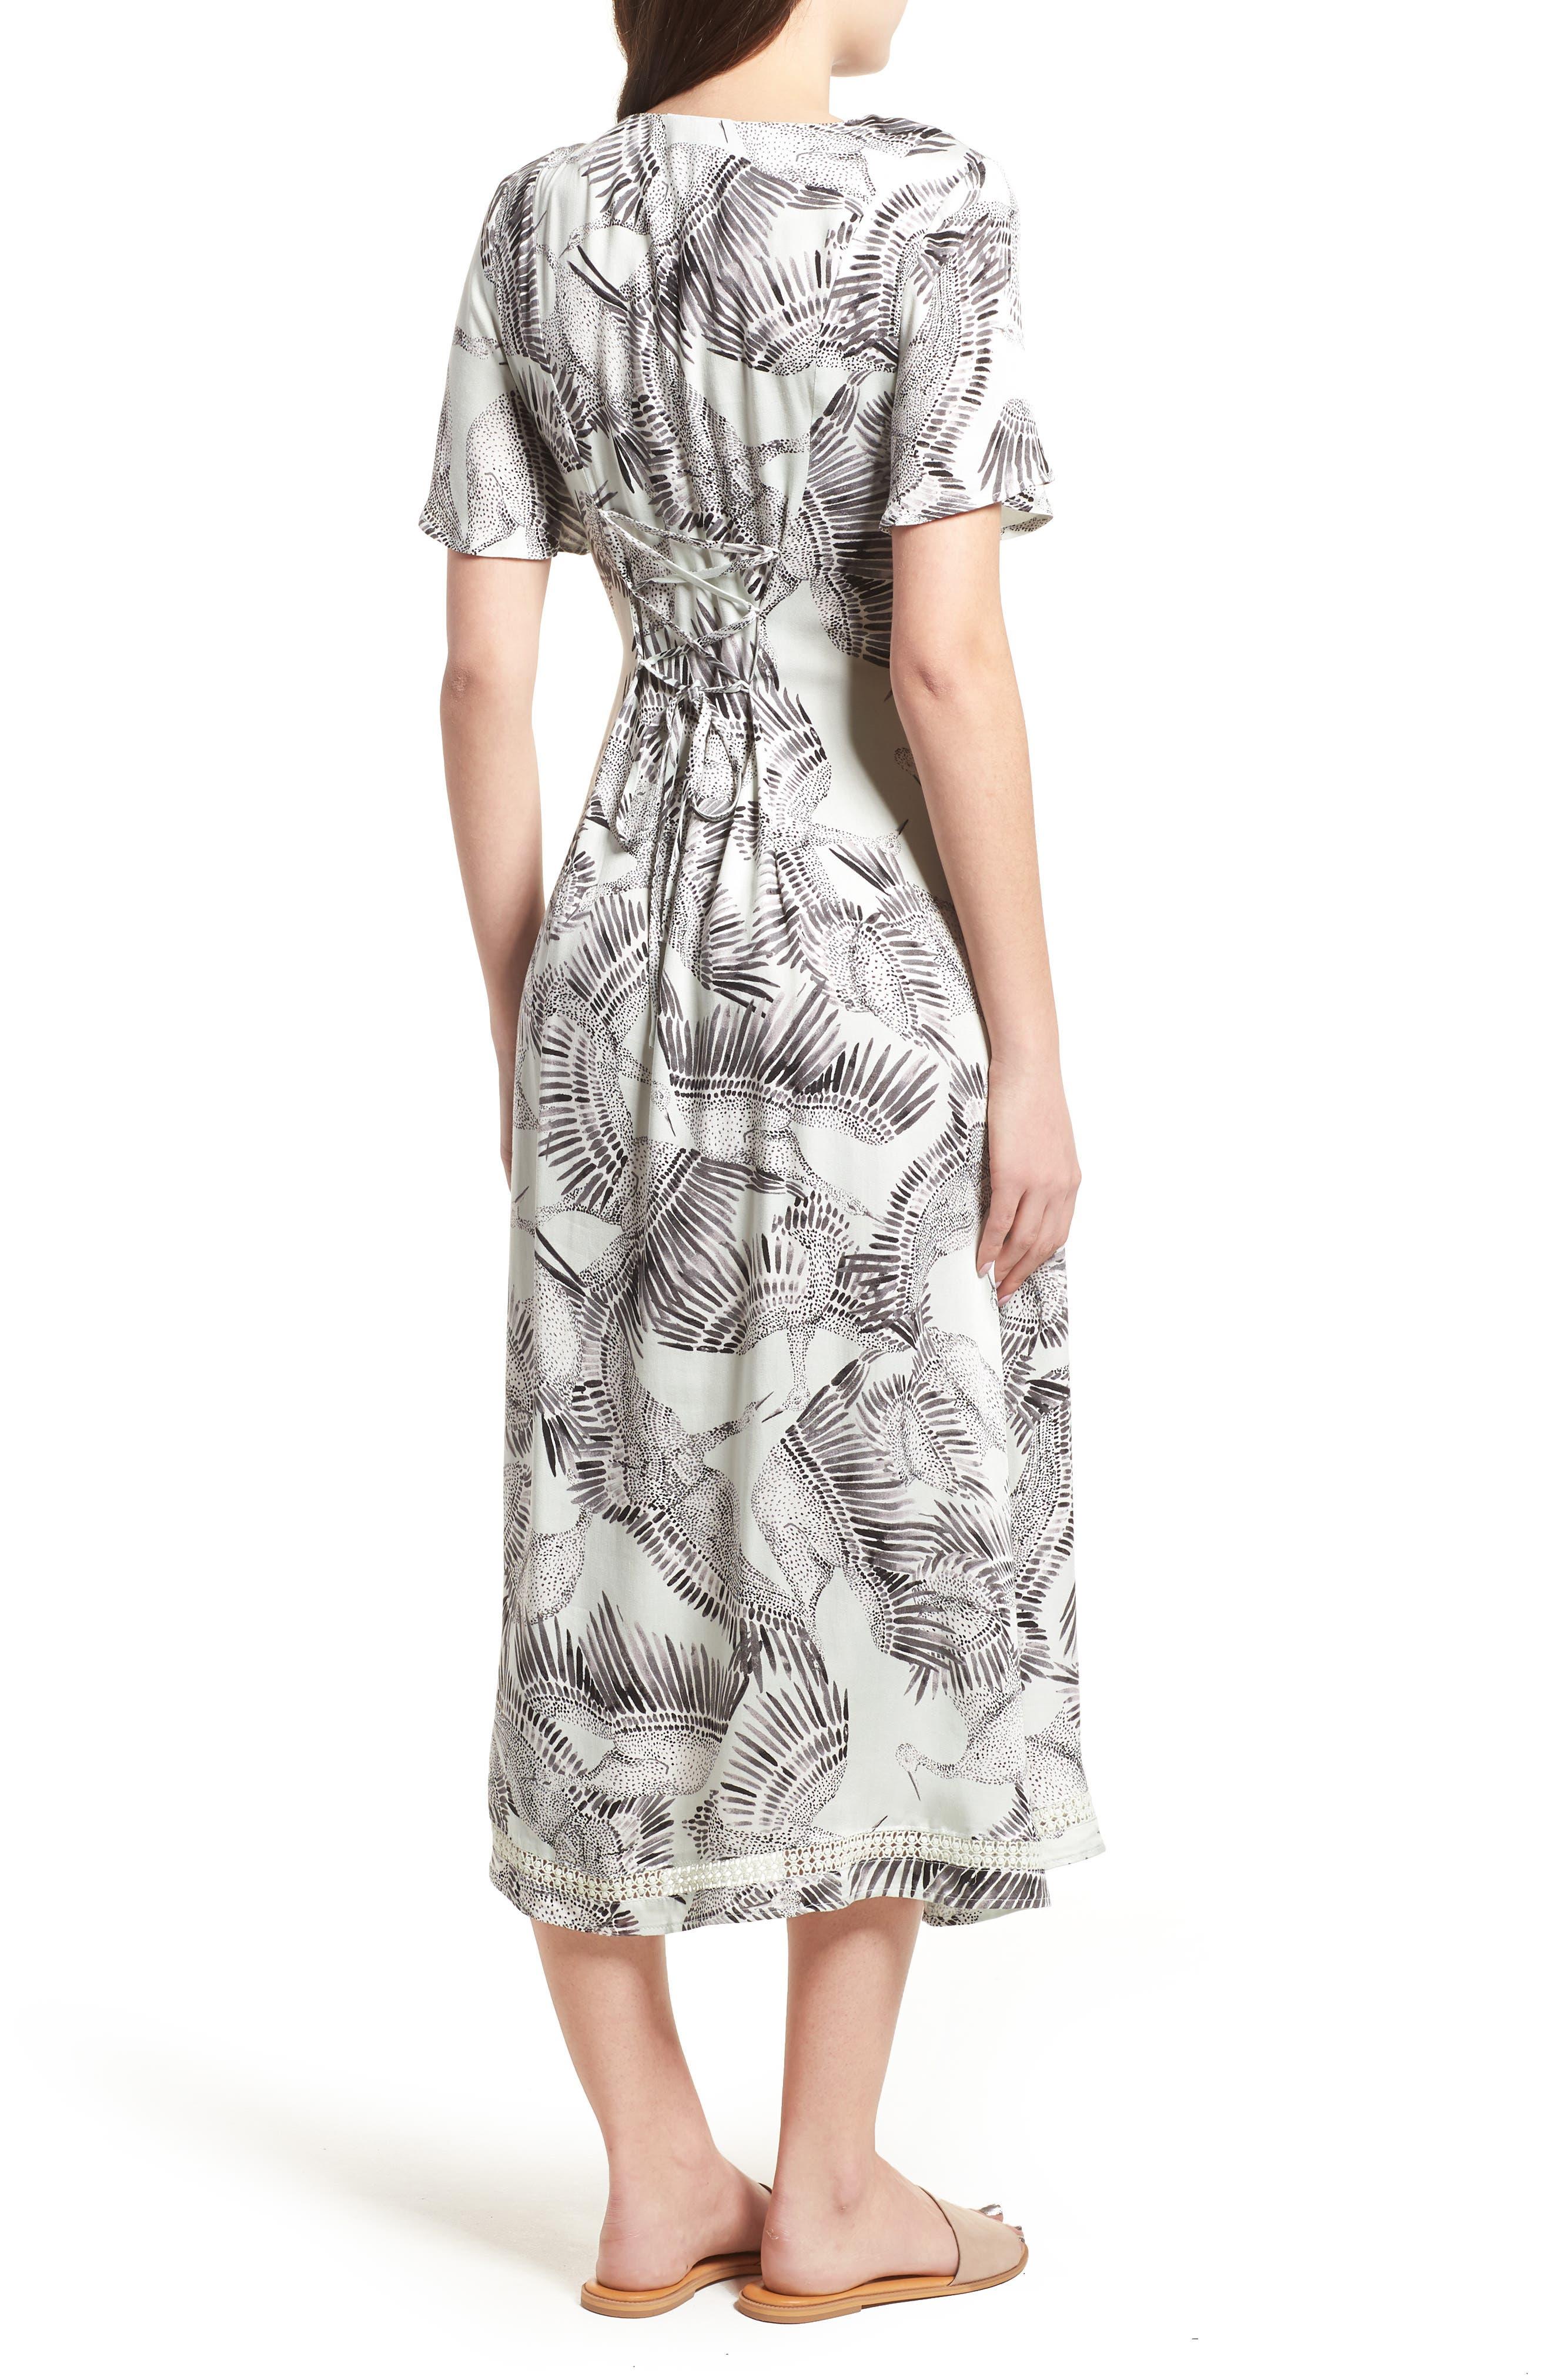 Taking Flight Midi Dress,                             Alternate thumbnail 3, color,                             Multi Grey